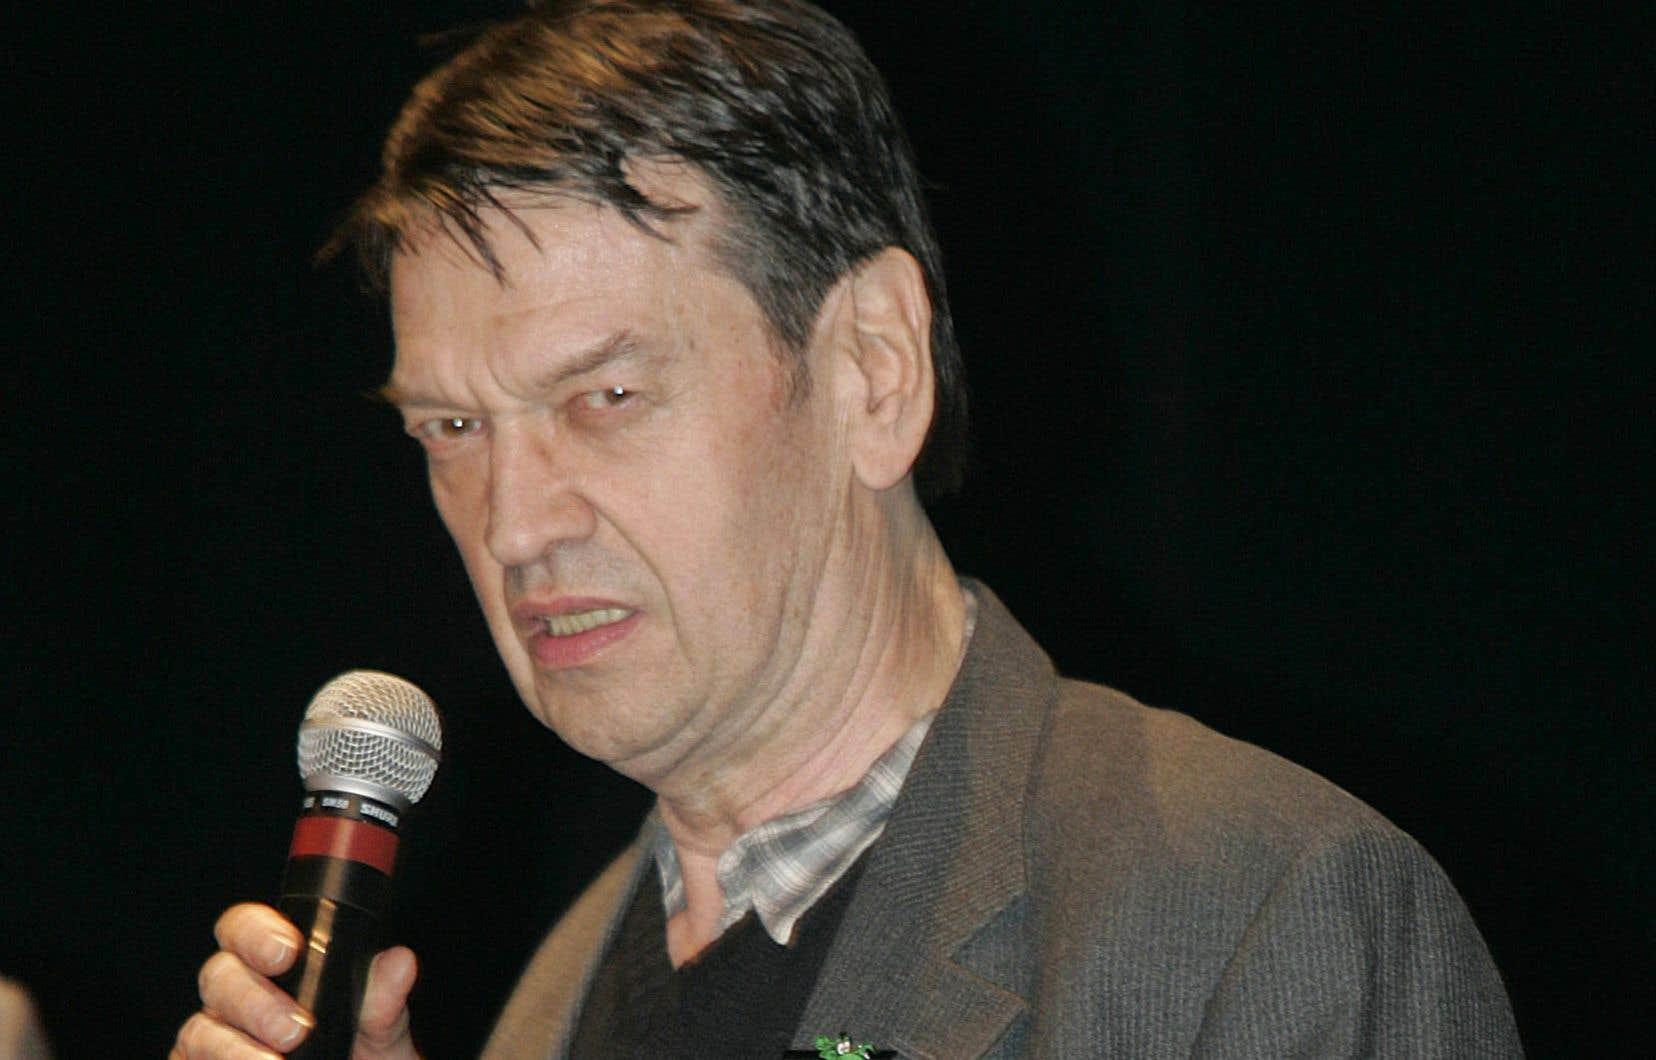 Mandrika a reçu le Prix du patrimoine du Festival d'Angoulême en 2005 pour son personnage du Concombre masqué, légume un peu dingue et philosophe.